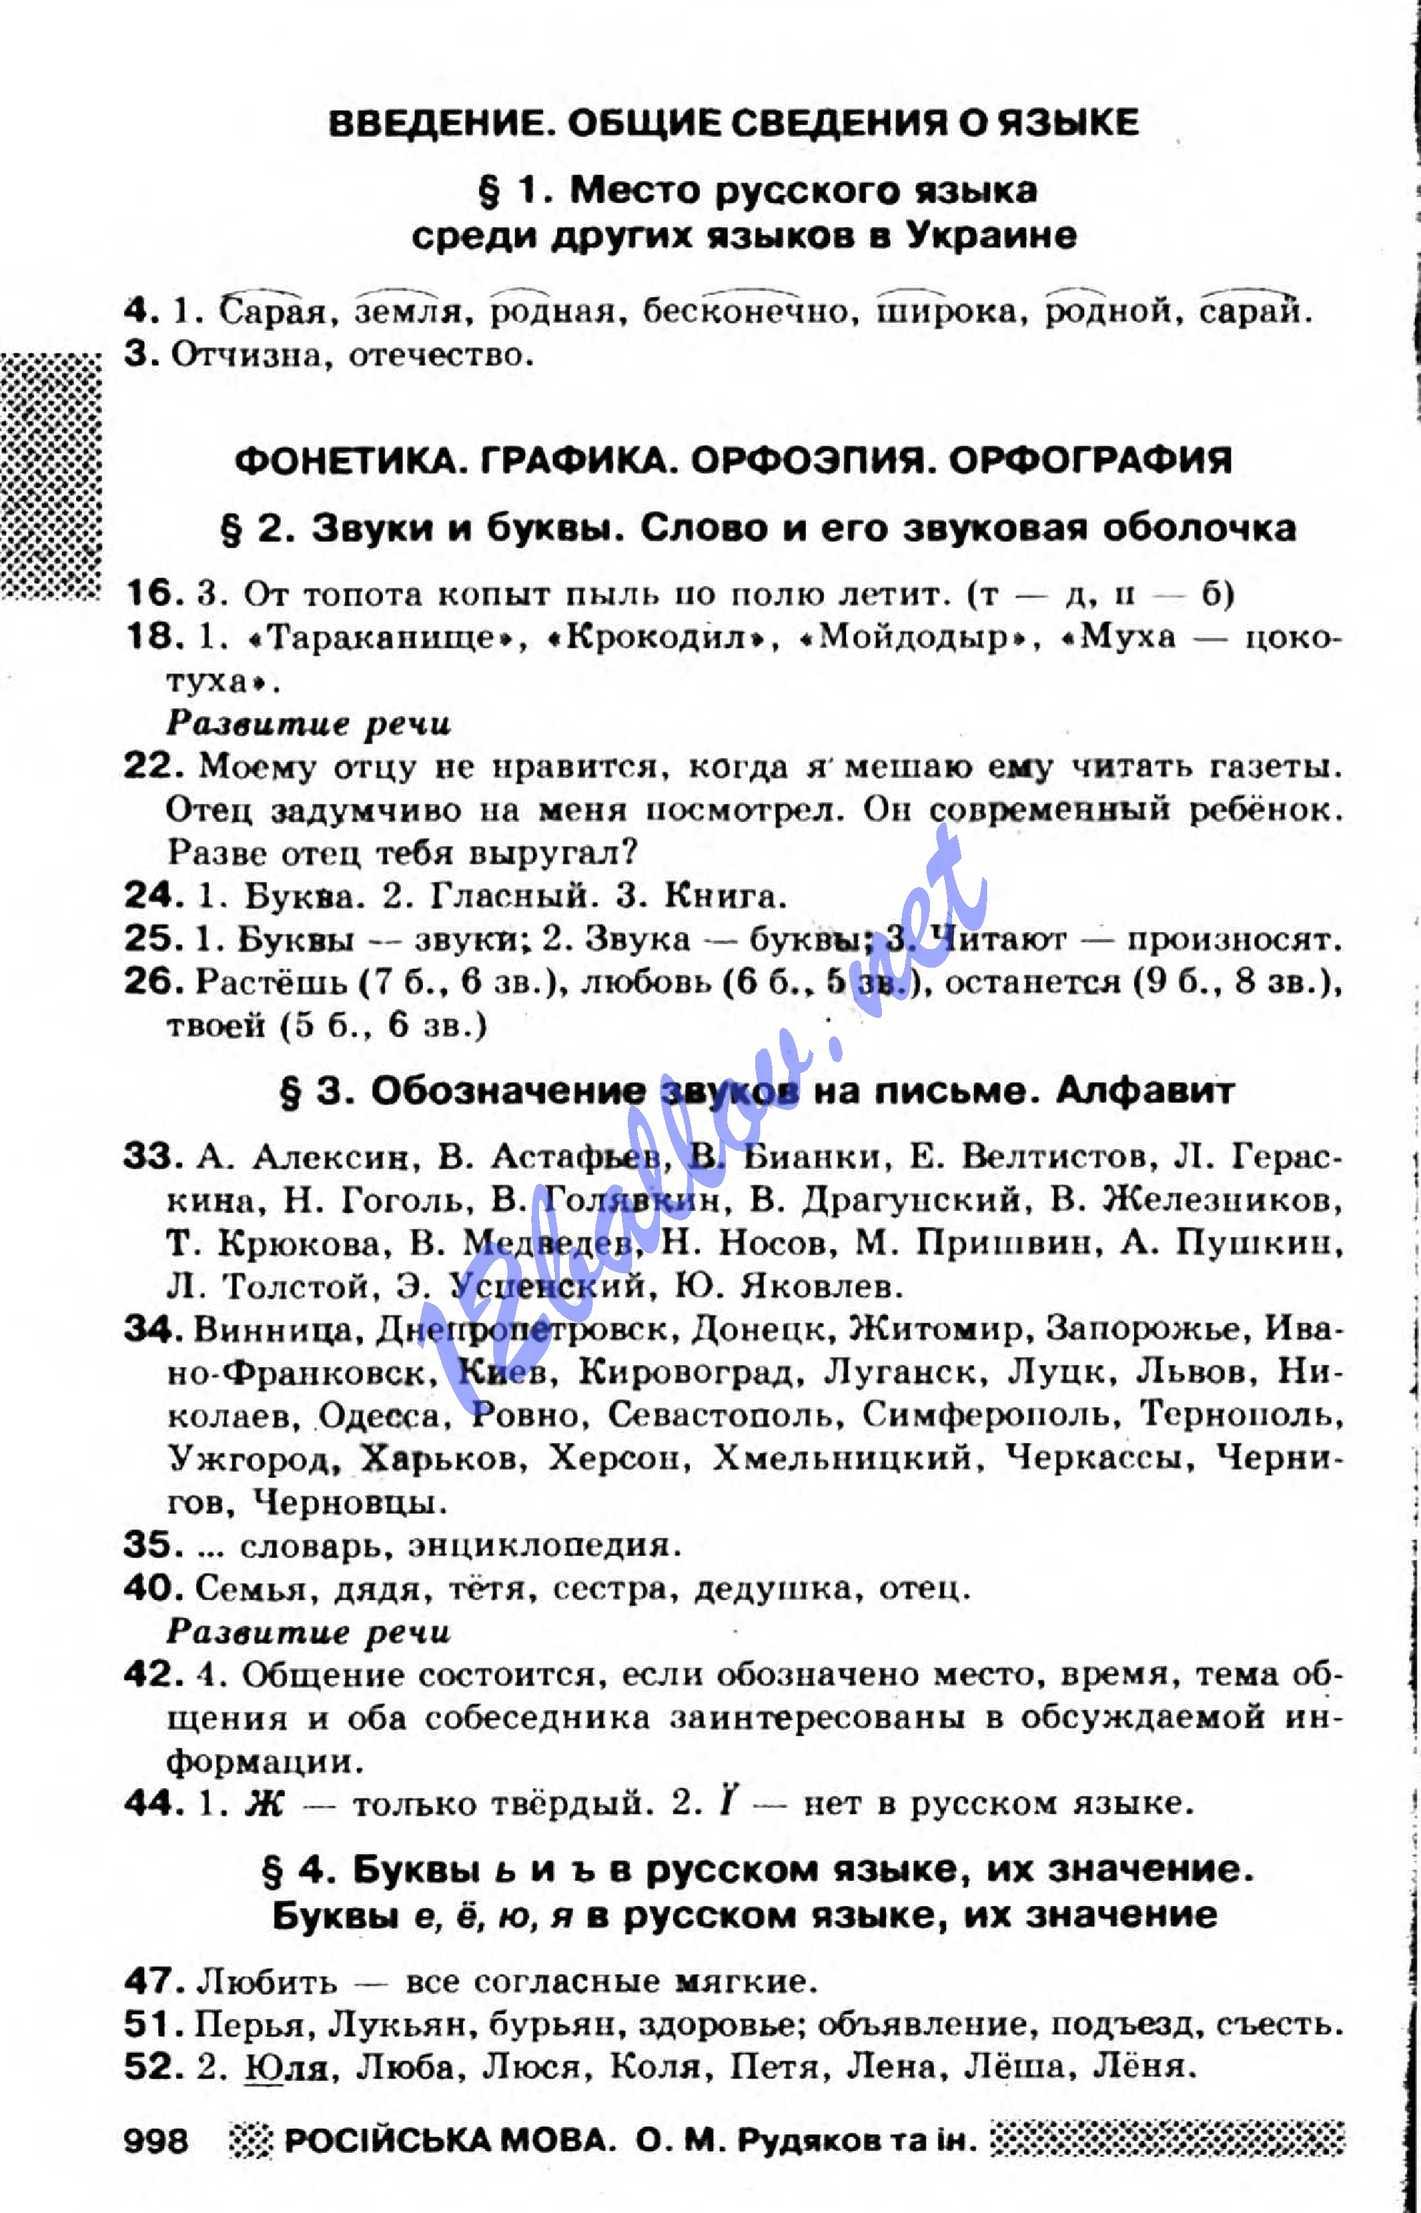 5 решебник по рудяков языку русскому класс